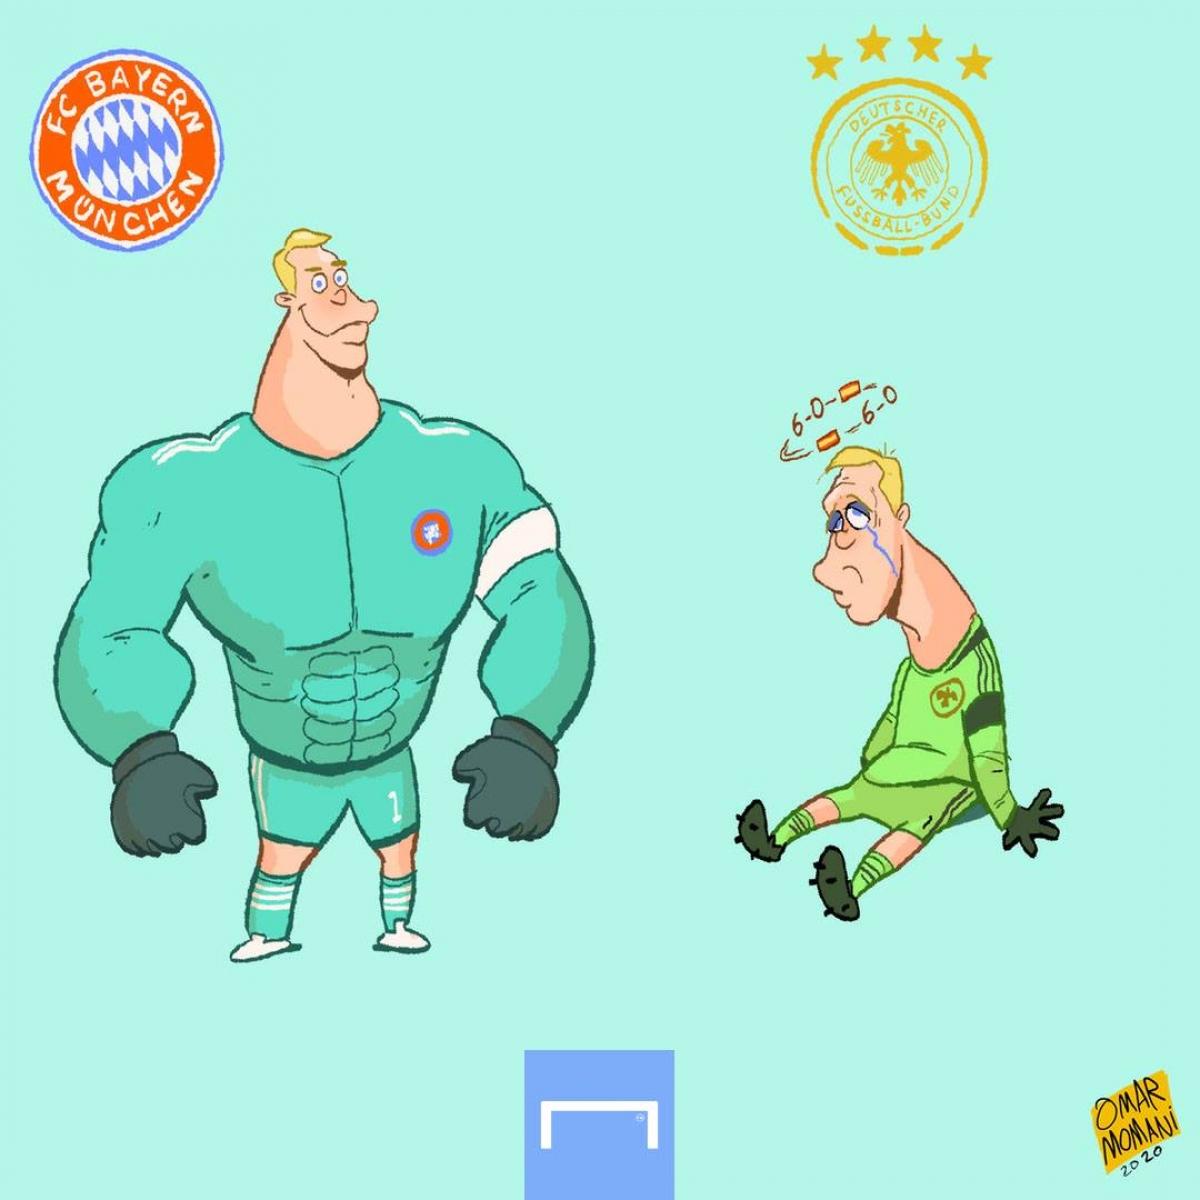 Manuel Neuer ở Bayern và Manuel Neuer ở ĐT Đức. (Ảnh: Omar Momani)